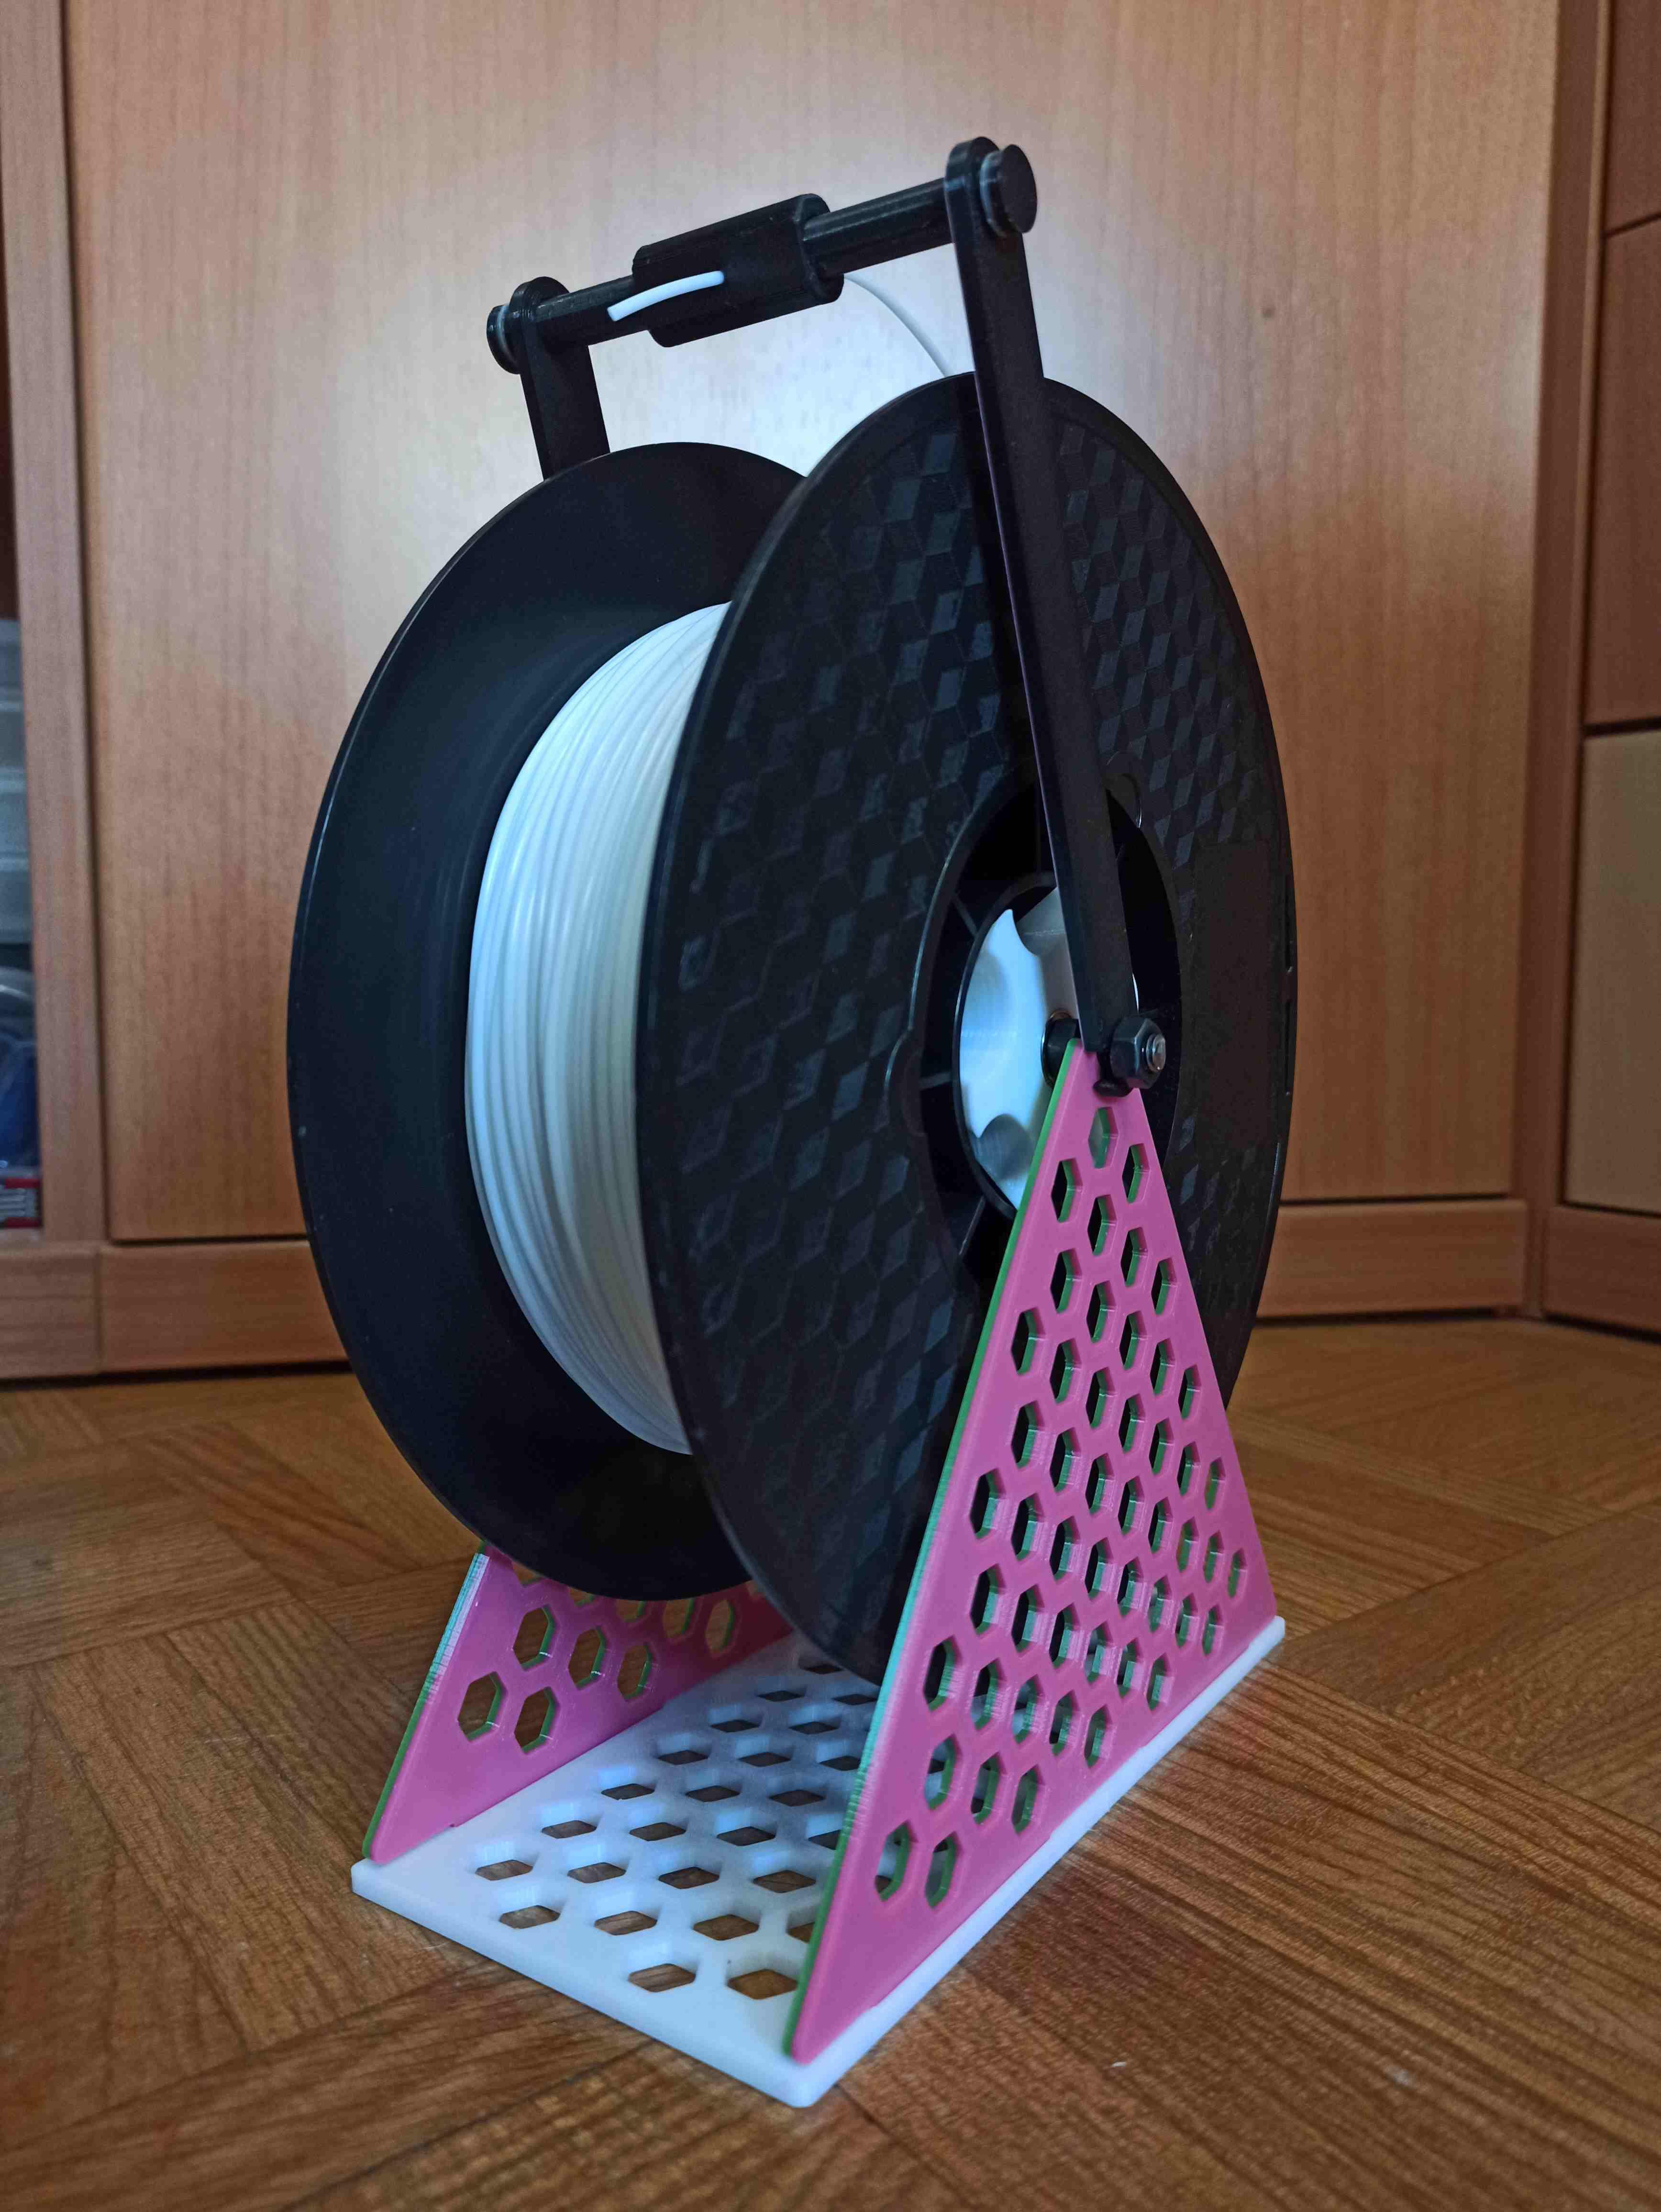 image-7-compressed.jpg Télécharger fichier STL gratuit Soporte rollos filamento / Porte-bobine • Plan à imprimer en 3D, adrihernan107